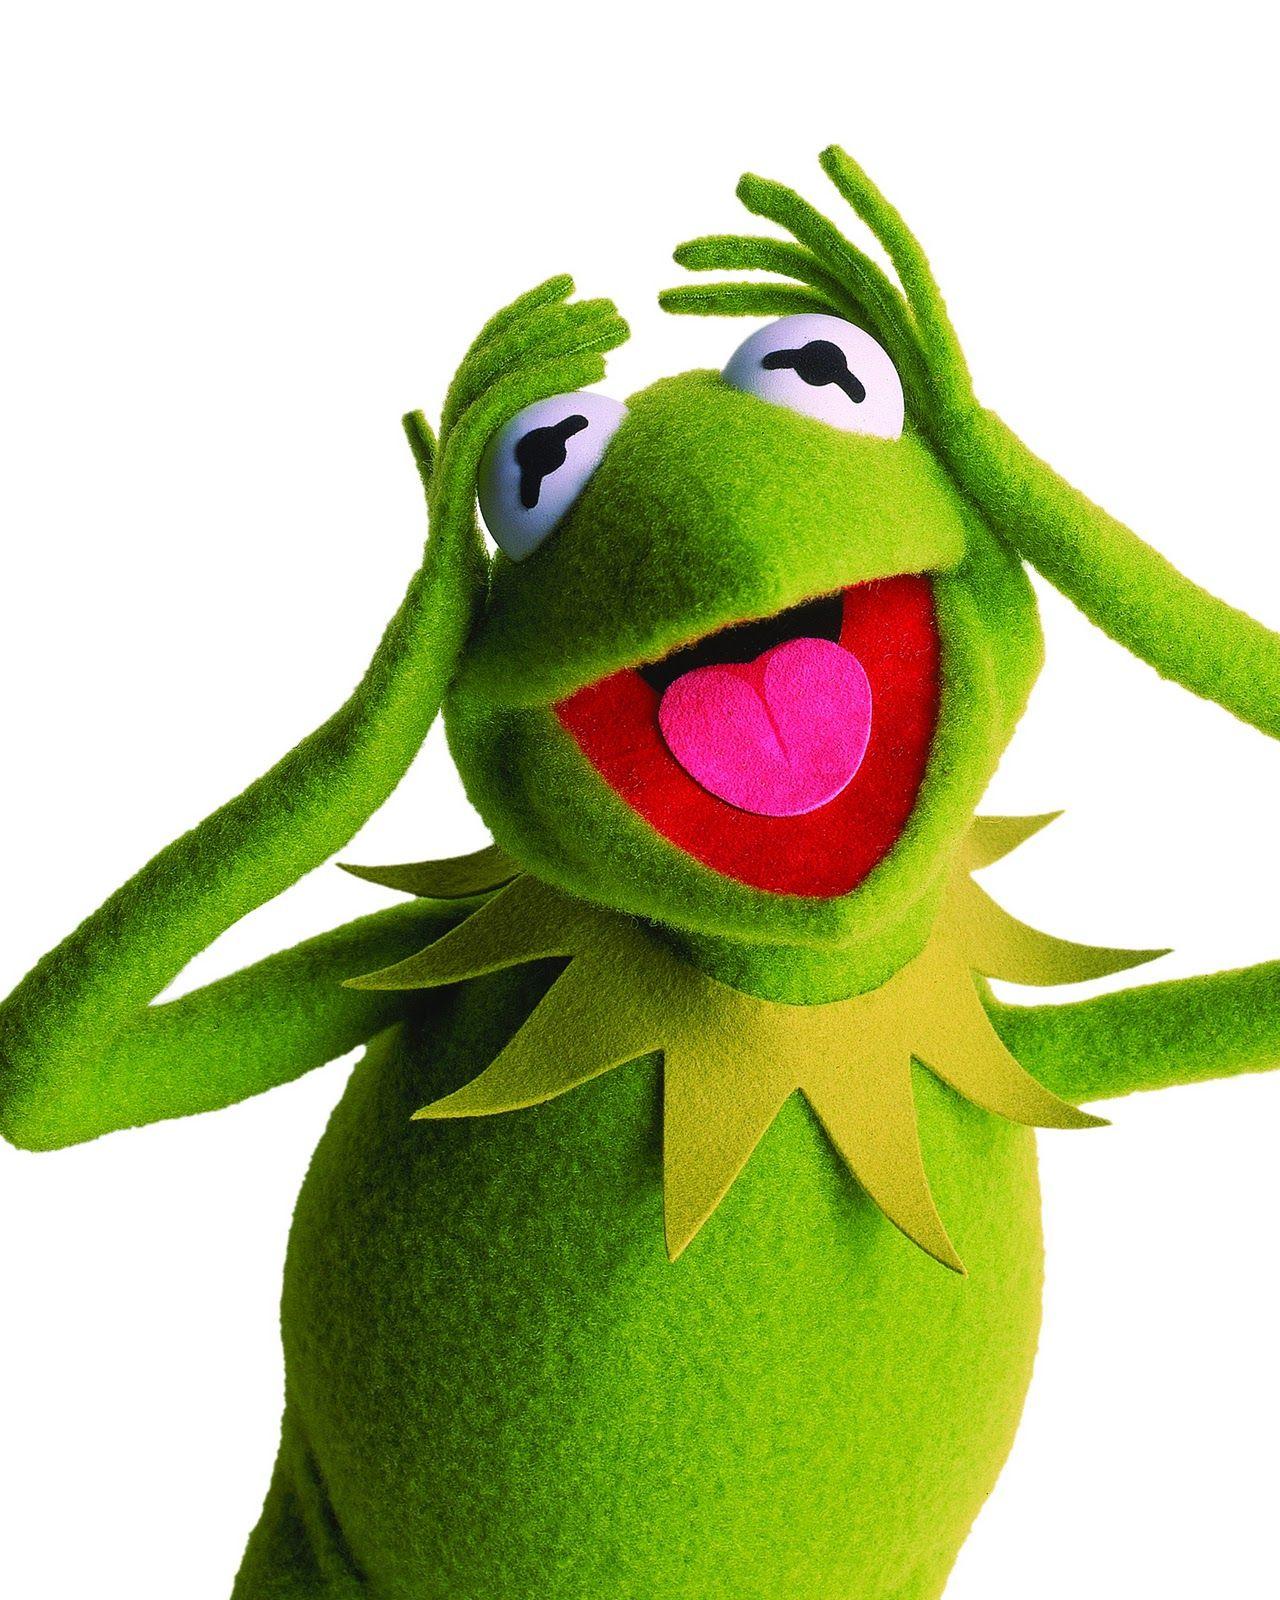 Muppet Christmas Meme: Sesame Street, Easy, Jim Henson, Green, Kermit, The